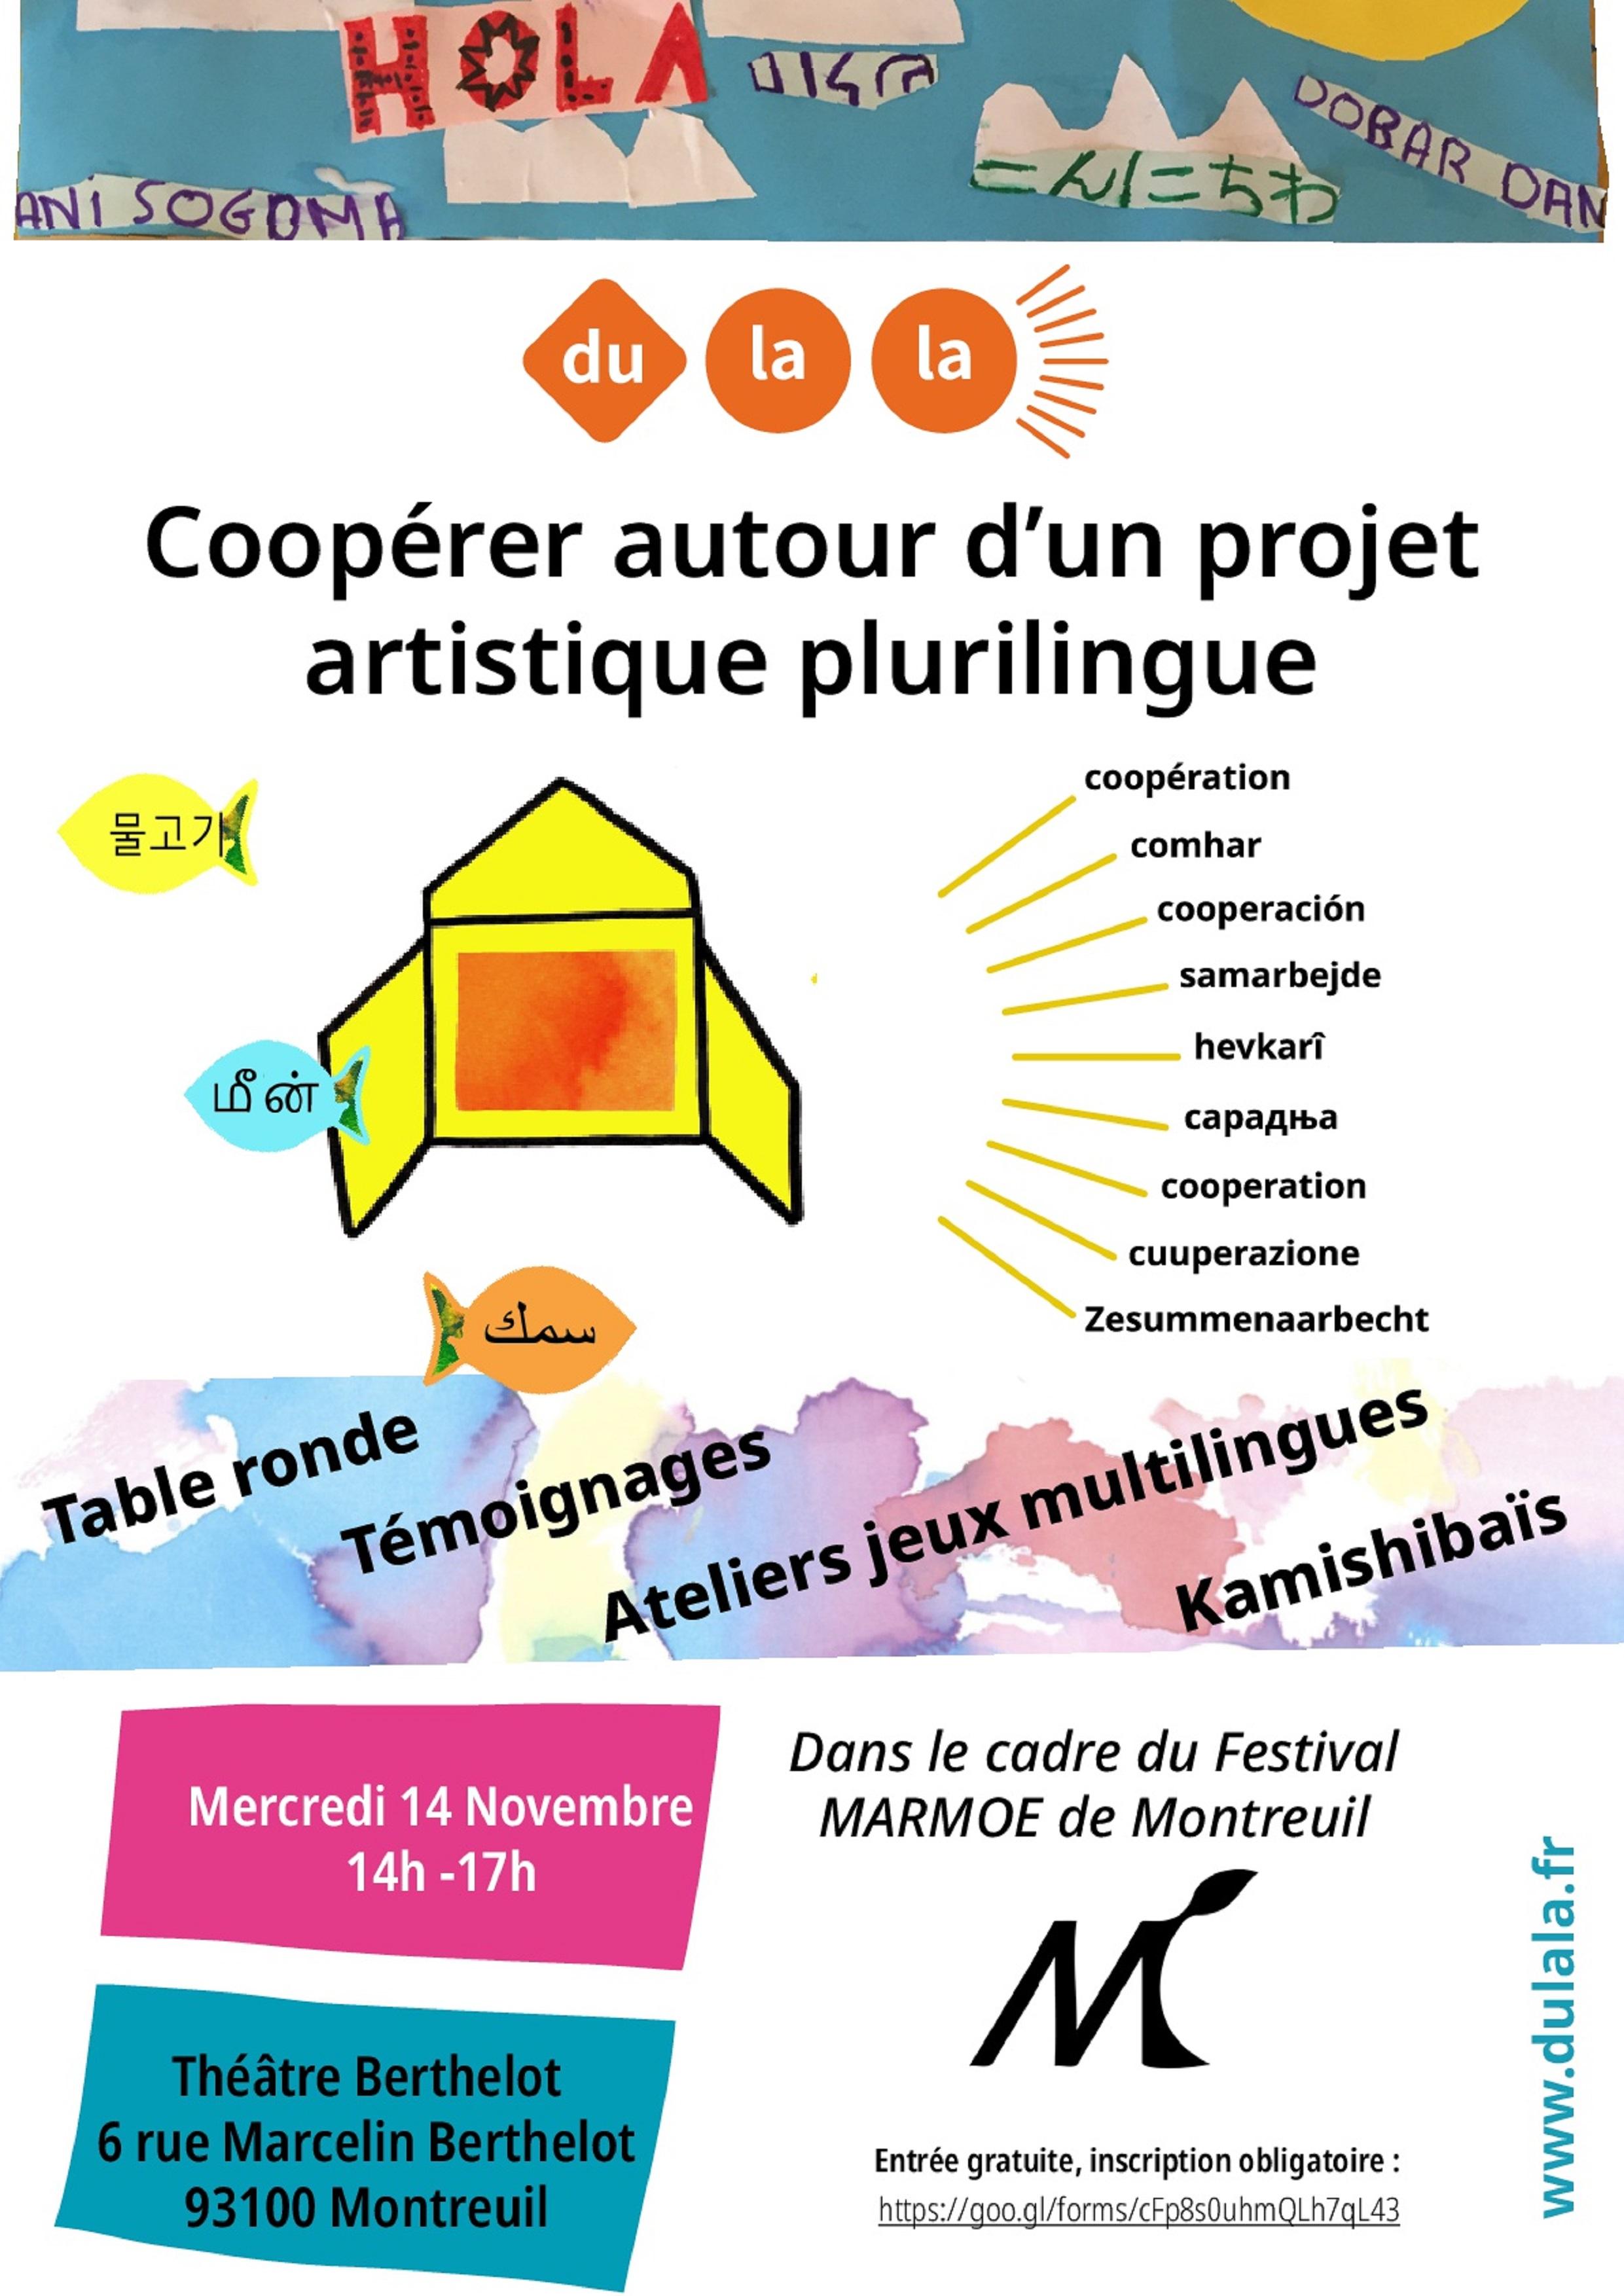 Cooperer autour d'un projet artistique et plurilingue